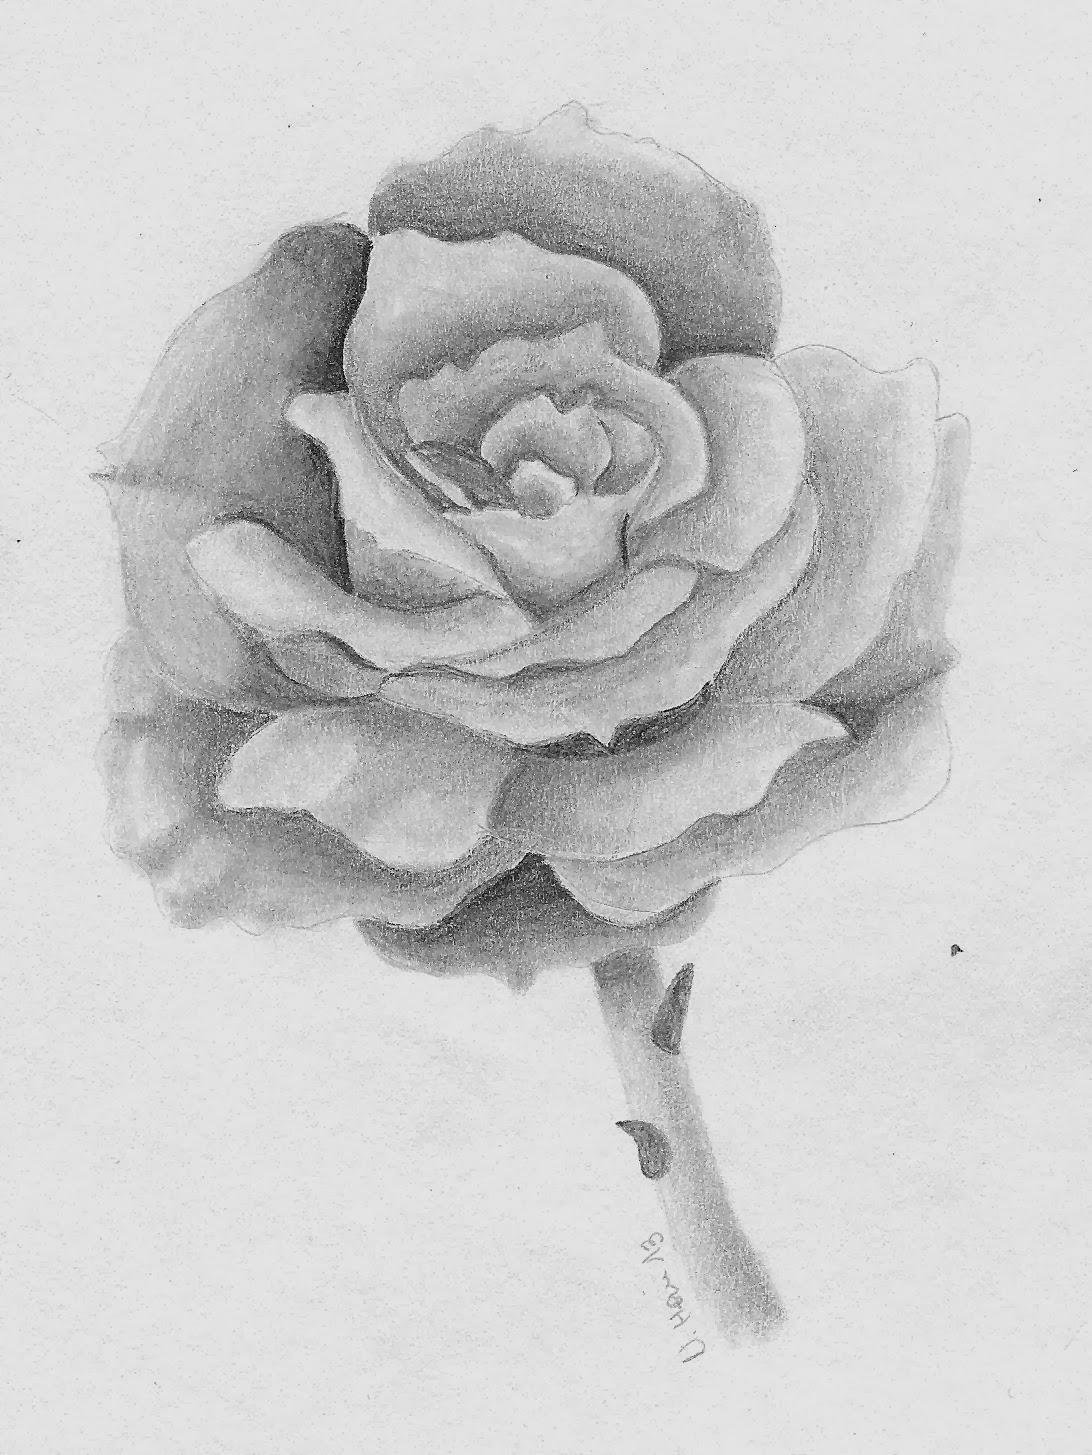 Das Buchgelaber: [Gemalt] Die Rose, Die Erdbeeren Und ganzes Rosen Bilder Gemalt